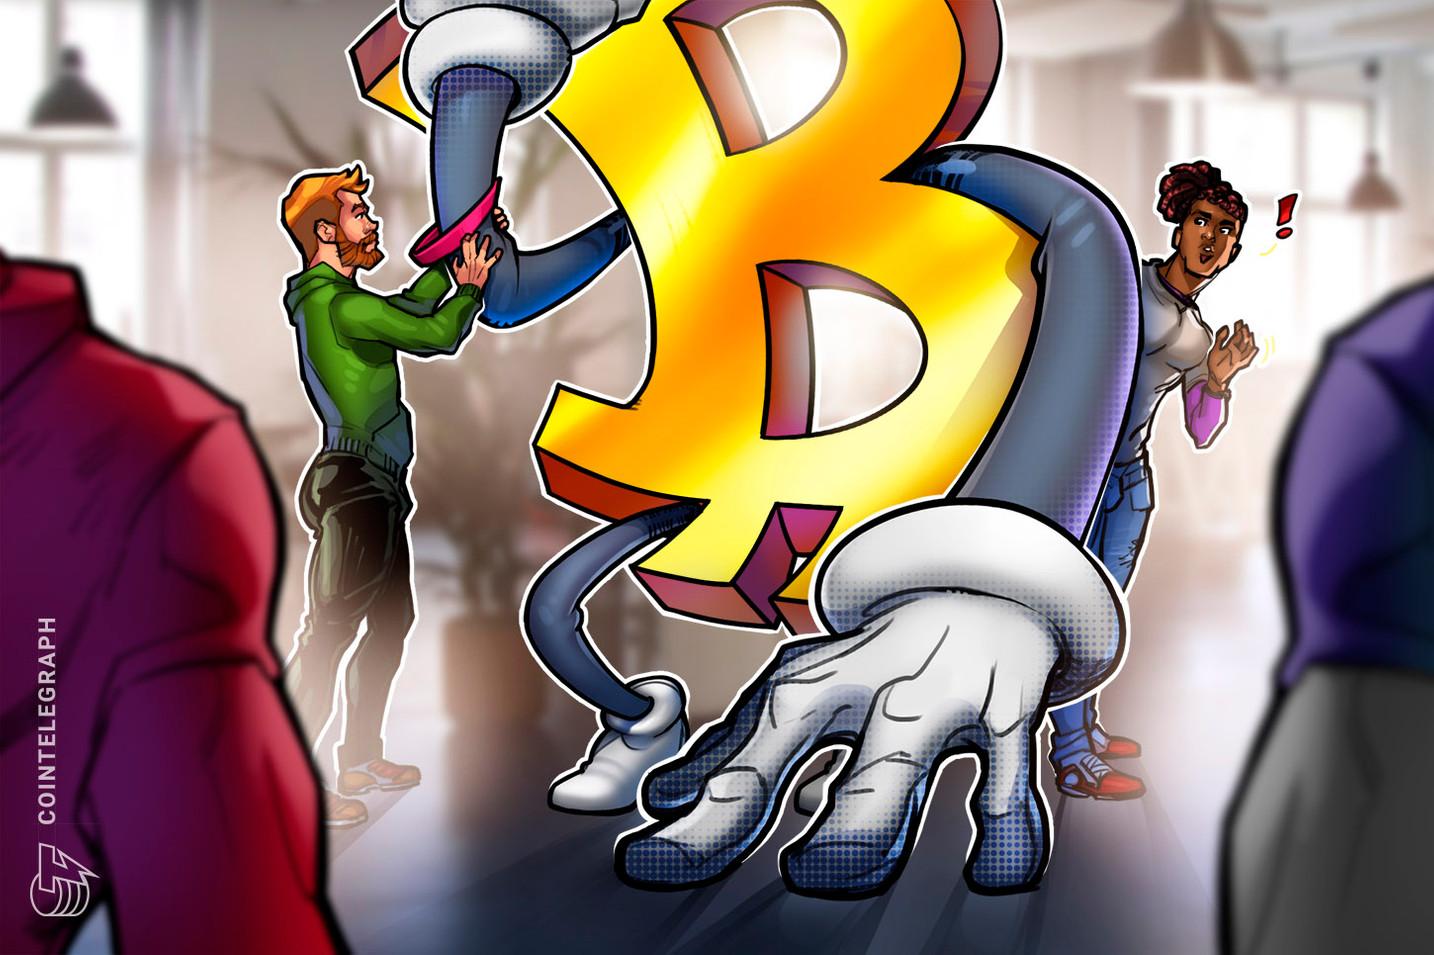 BTC mira fuga em US$ 50 mil, apesar da maior 'ganância' desde a máxima histórica: 5 coisas para observar no Bitcoin esta semana